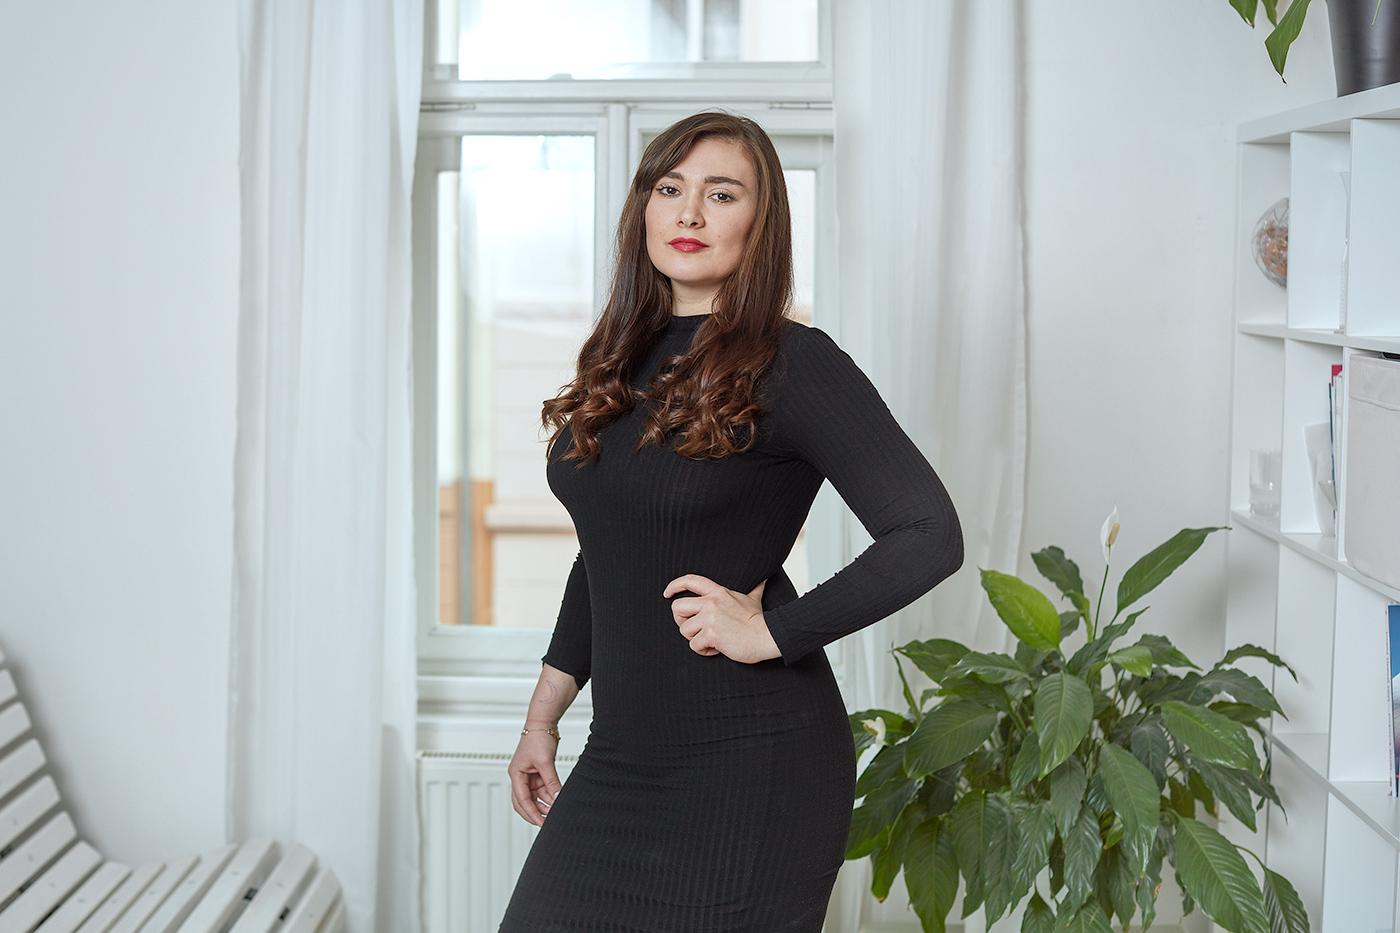 Lucie Frýdlová